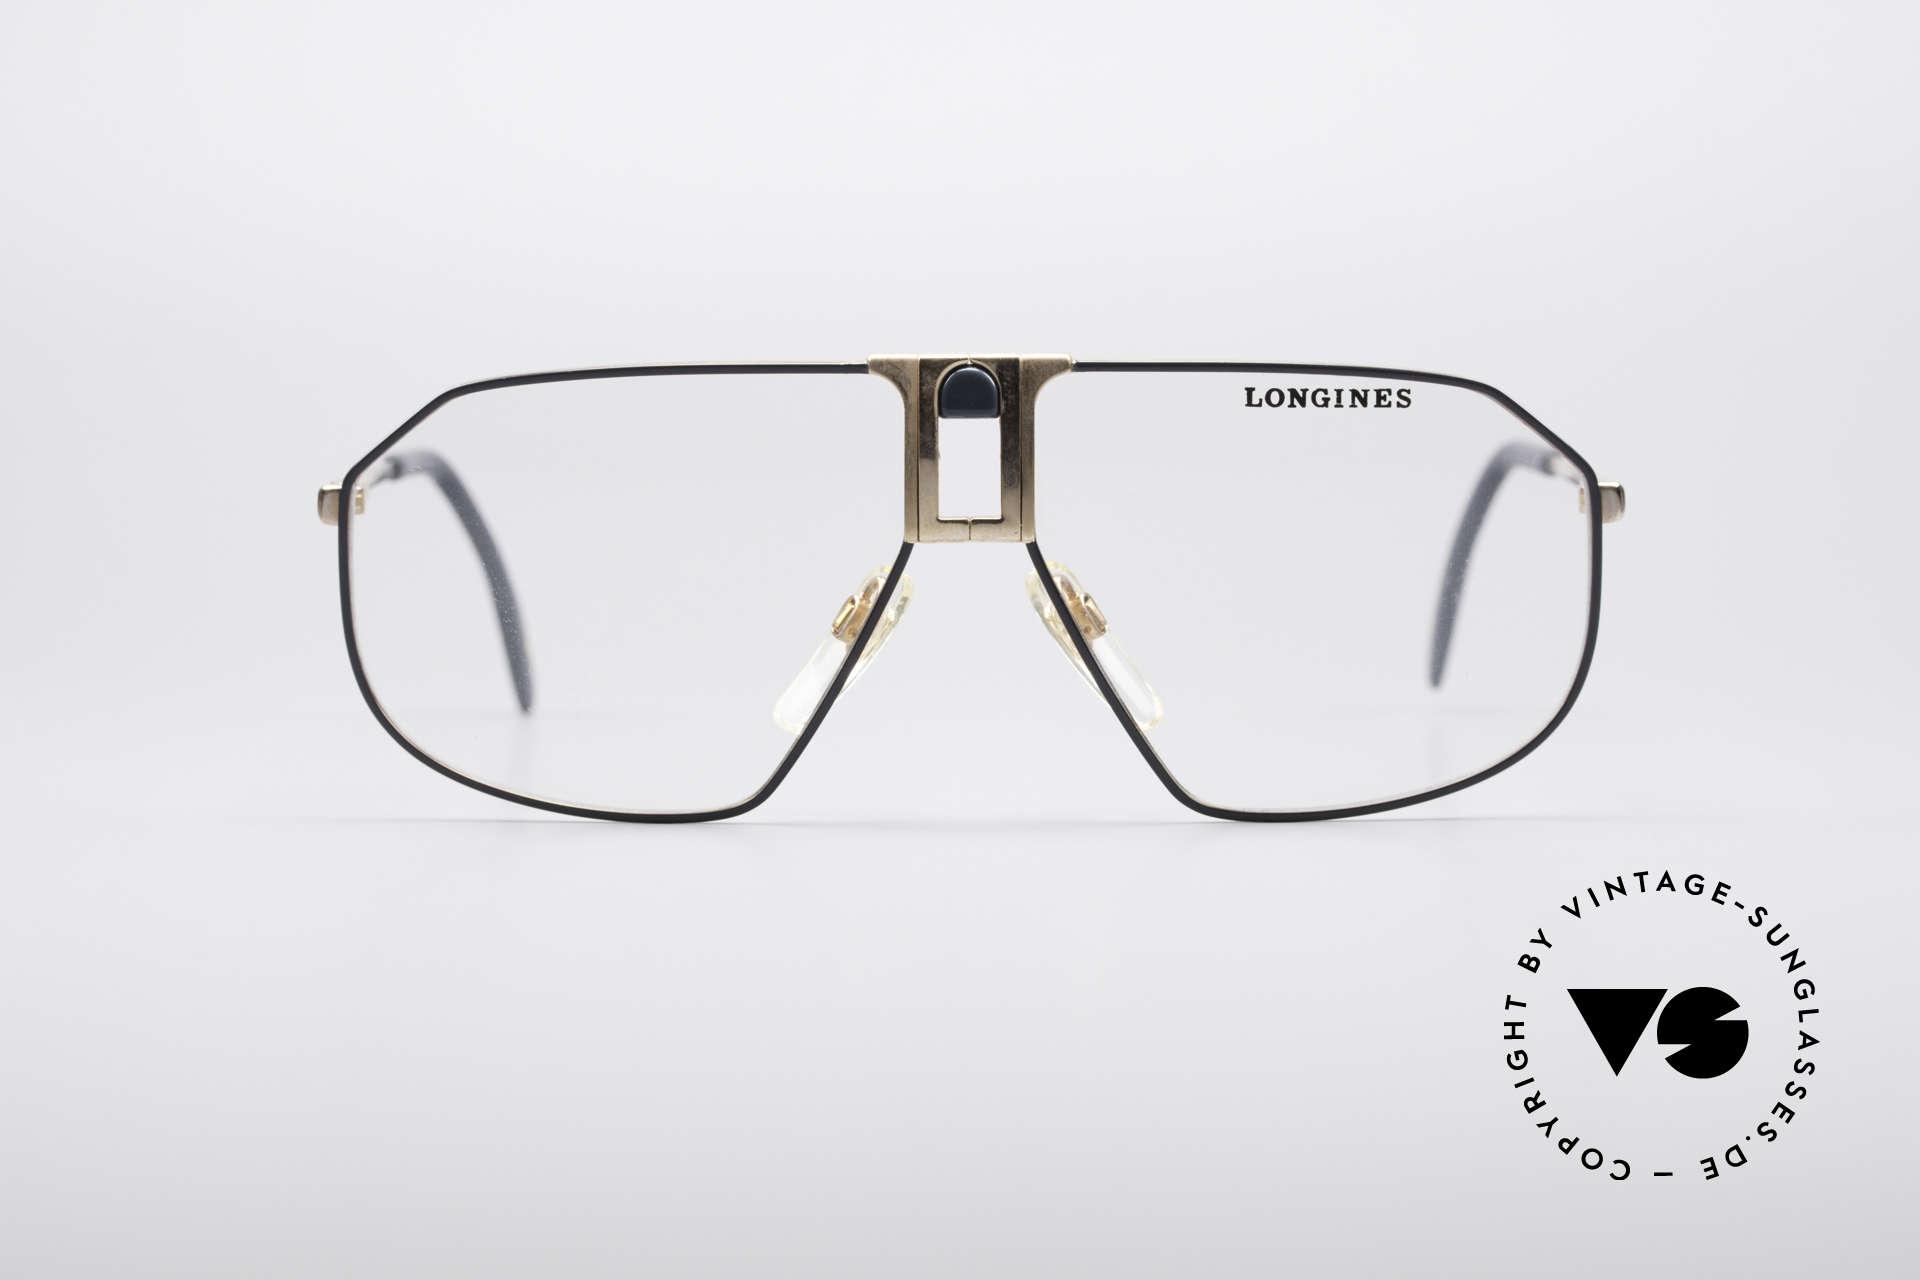 Longines 0153 80er Luxus Herrenbrille, sehr edler Rahmen mit flexiblen Federscharnieren, Passend für Herren